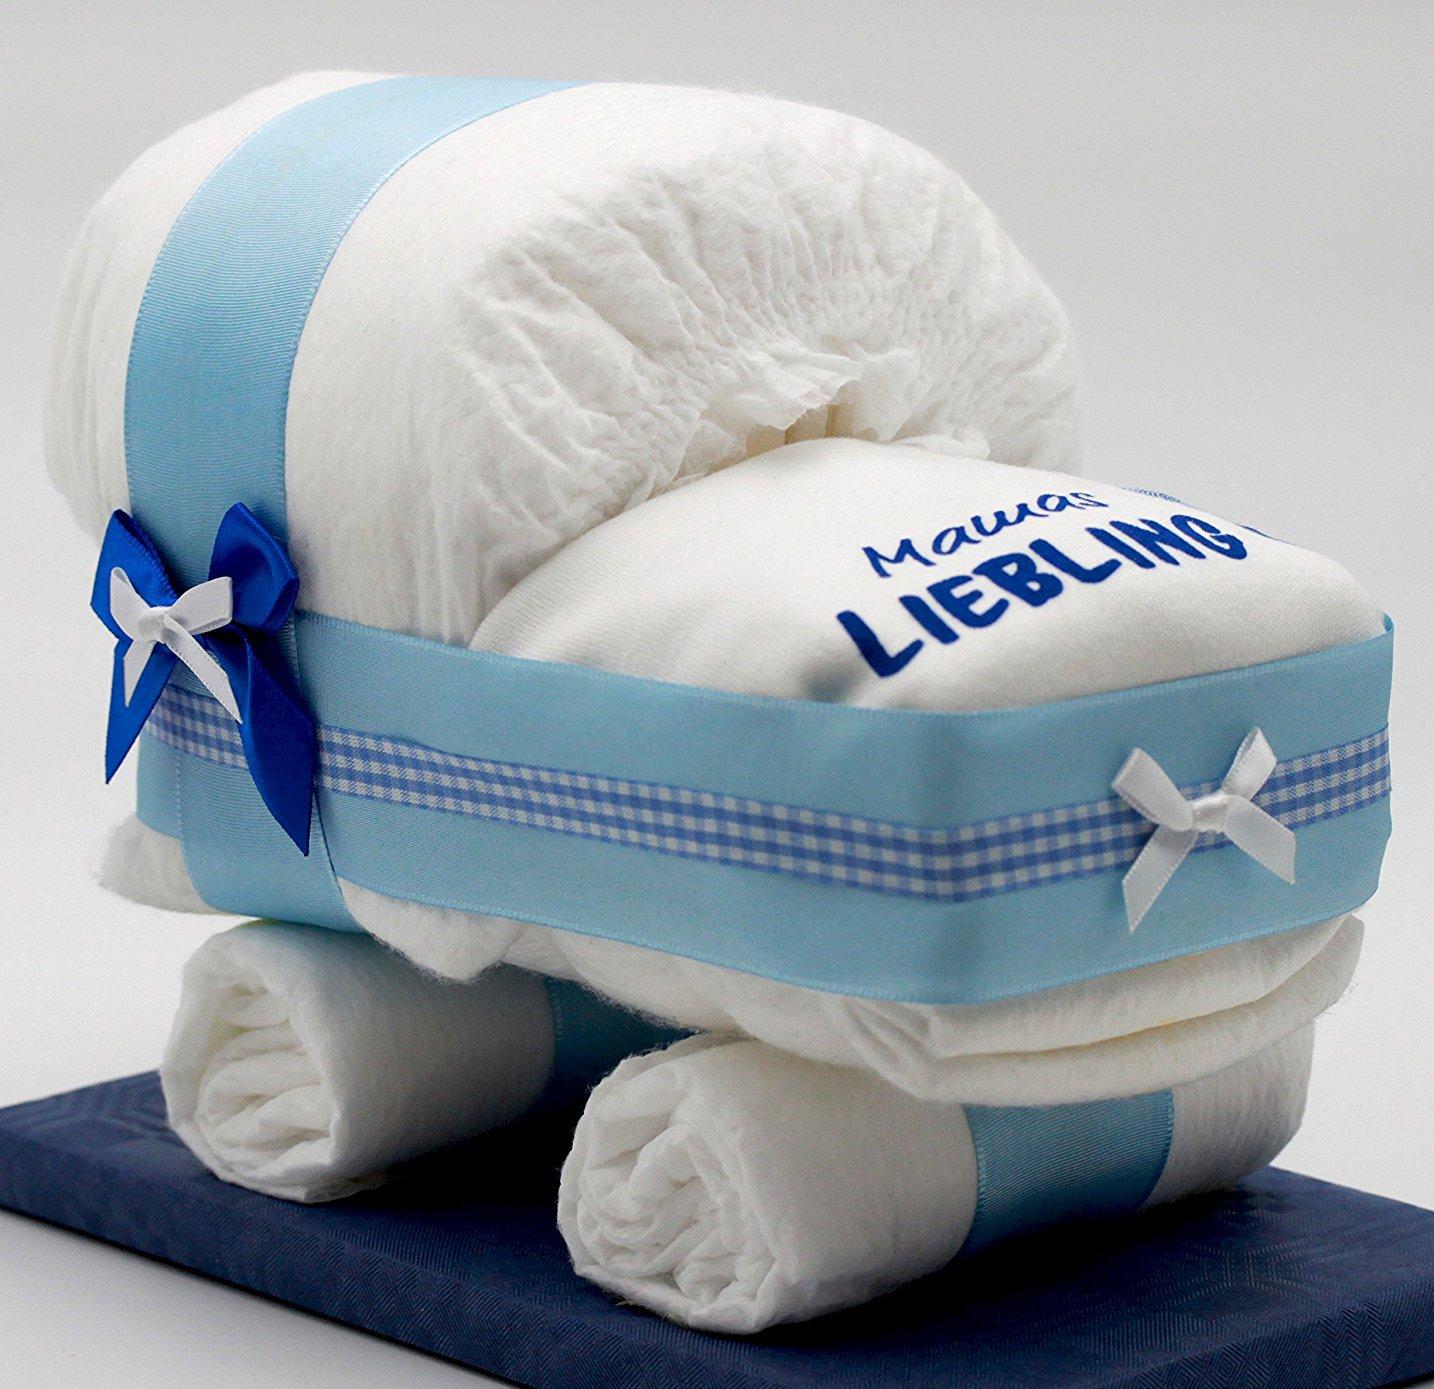 pañales Mundial de tartas pequeñas Tarta Pañales Pañales carro Azul para joven - con babero Madres favoritos - El regalo perfecto para nacimiento o bautizo ...